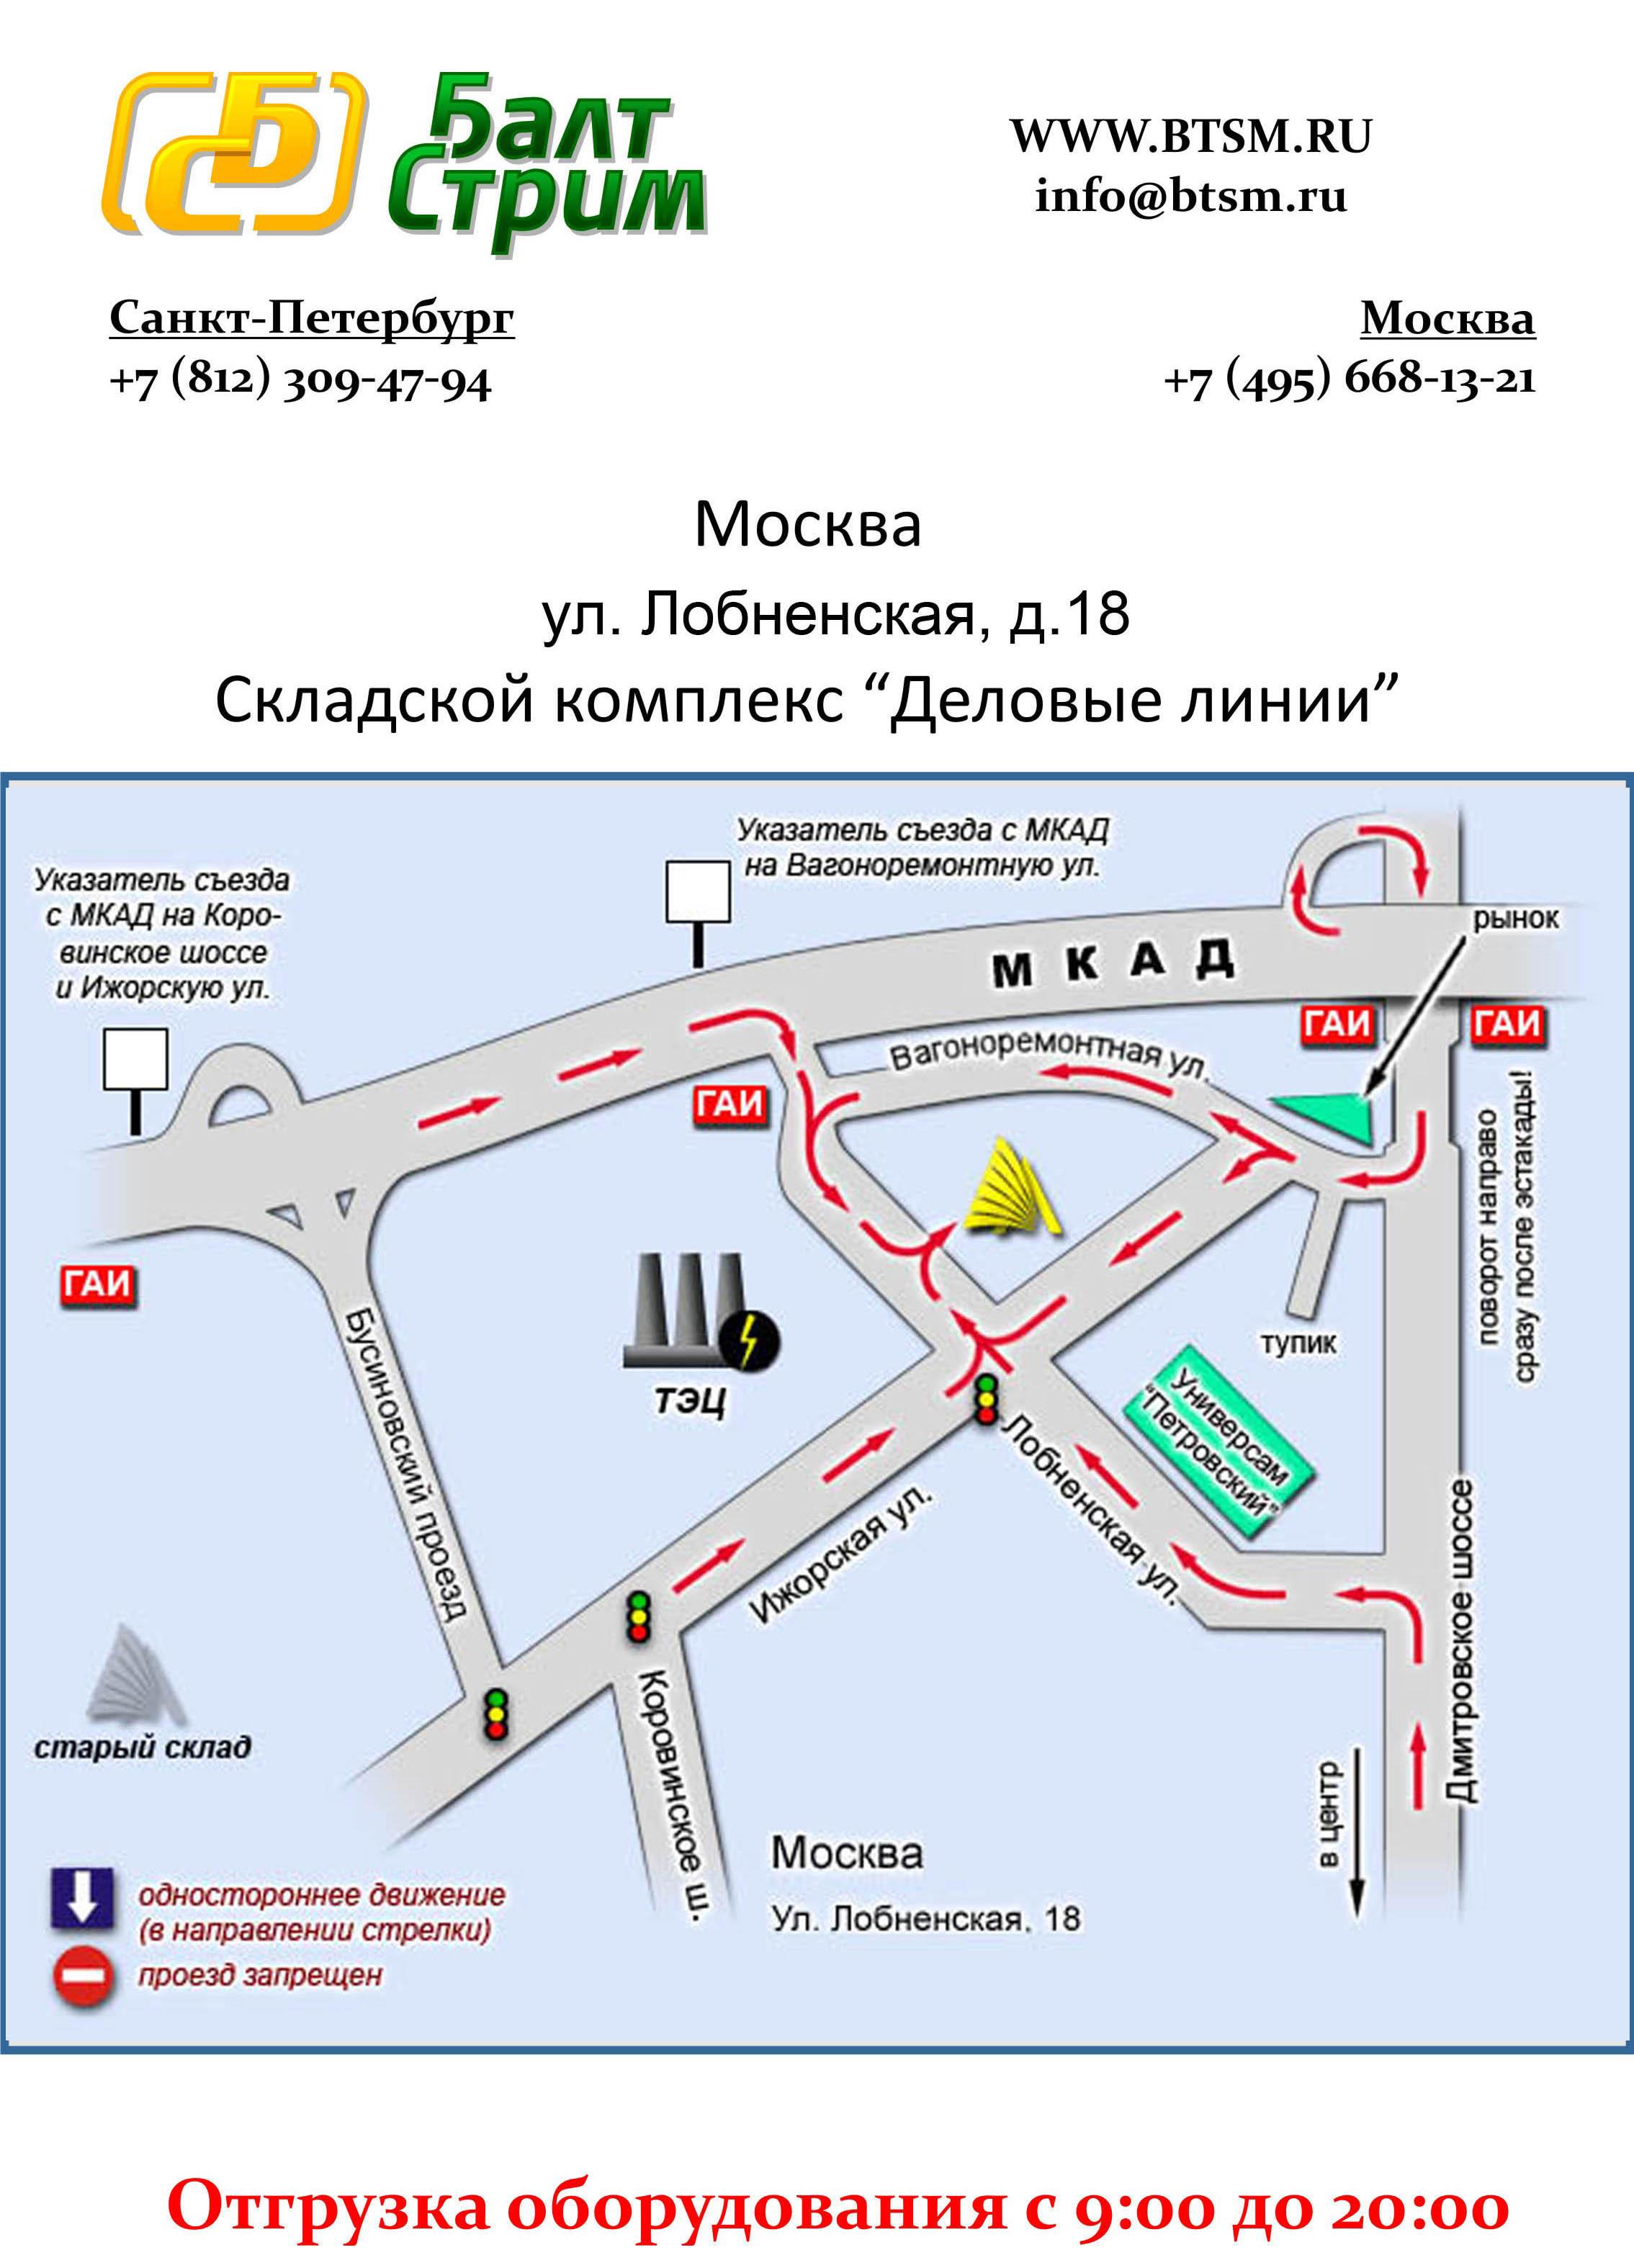 Метро москвы схема черкизовская